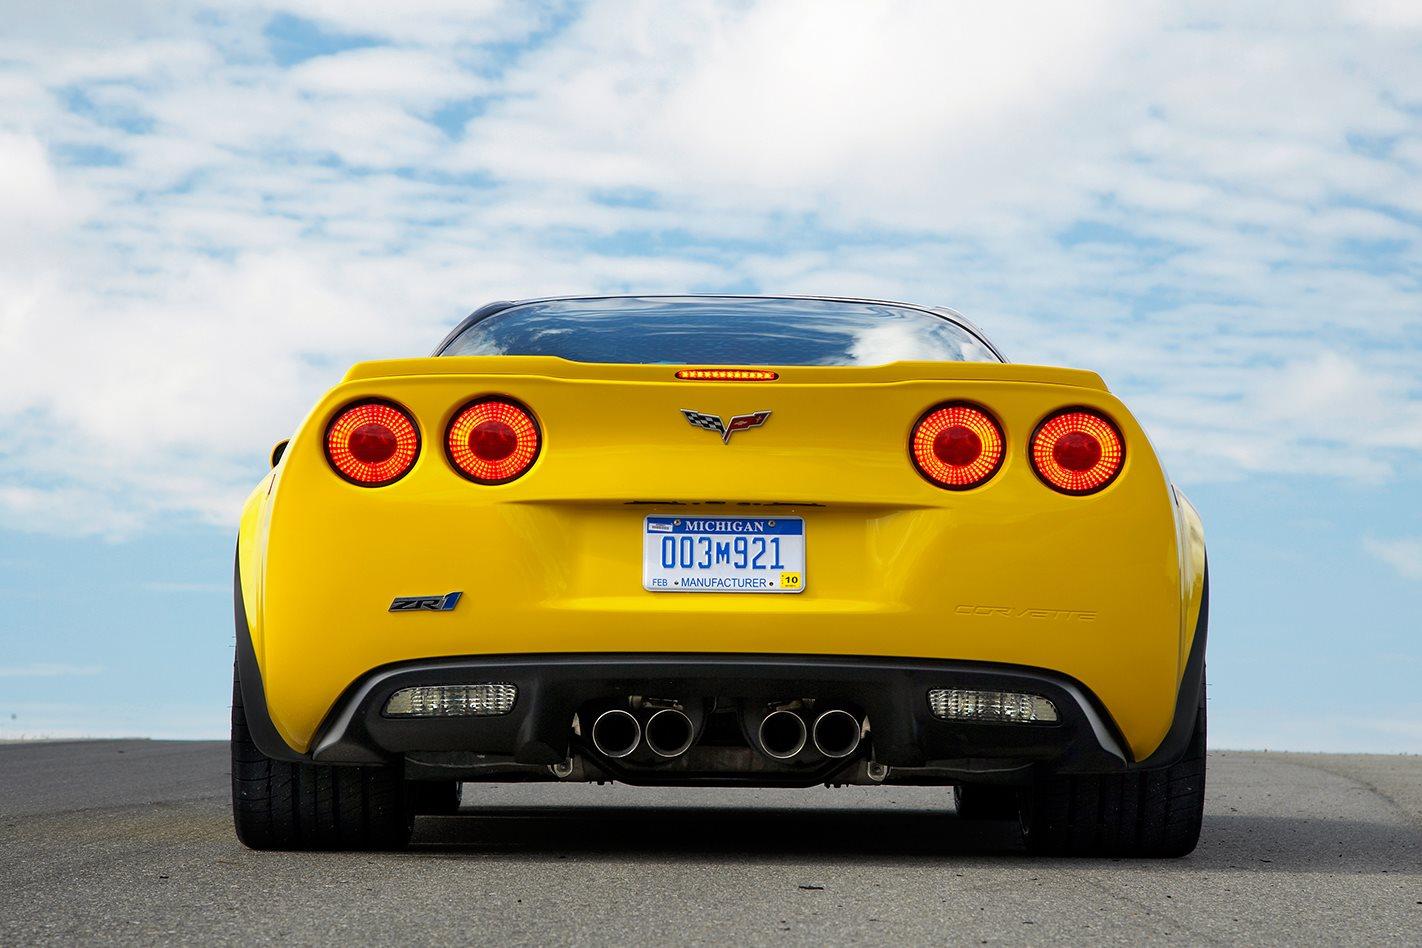 2009-Chevrolet-Corvette-ZR1-tailights.jpg